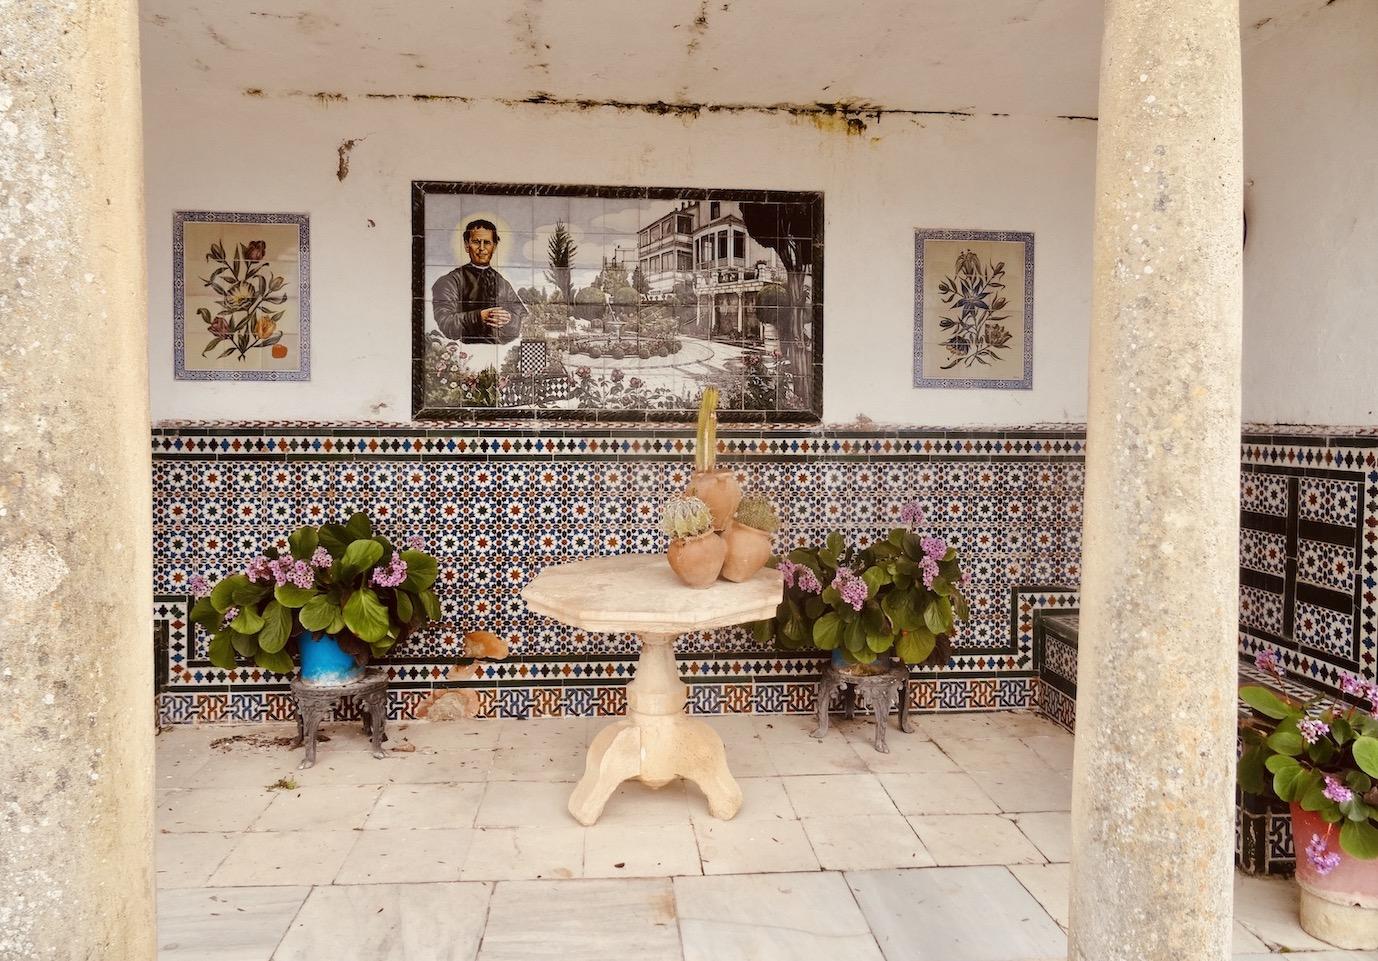 Casa don Bosco in Ronda.